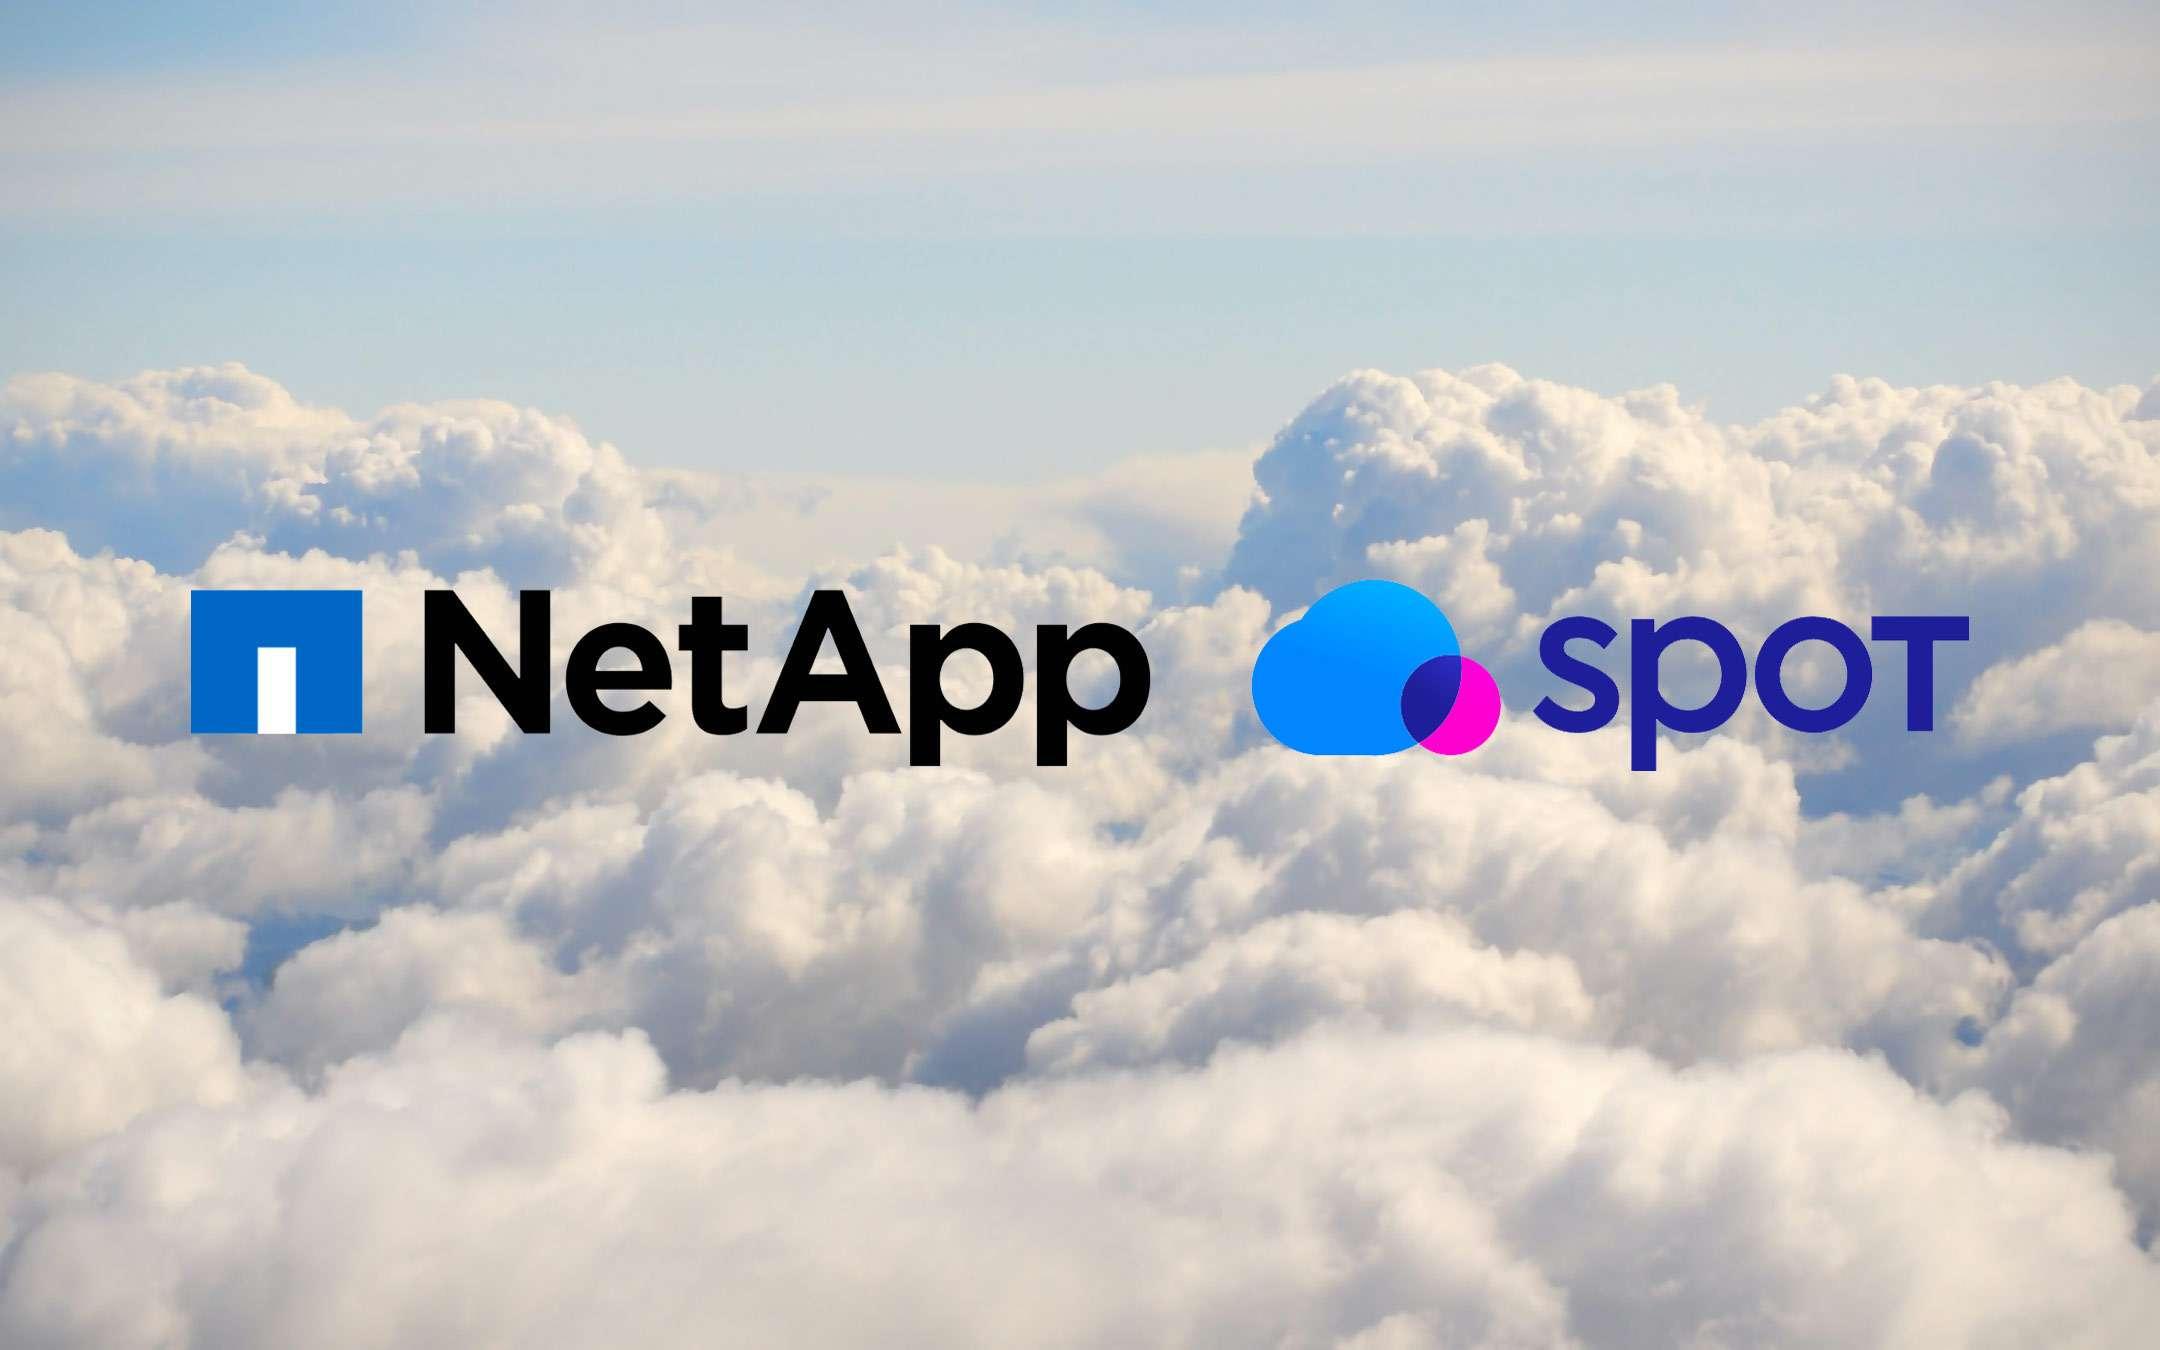 NetApp, Spot